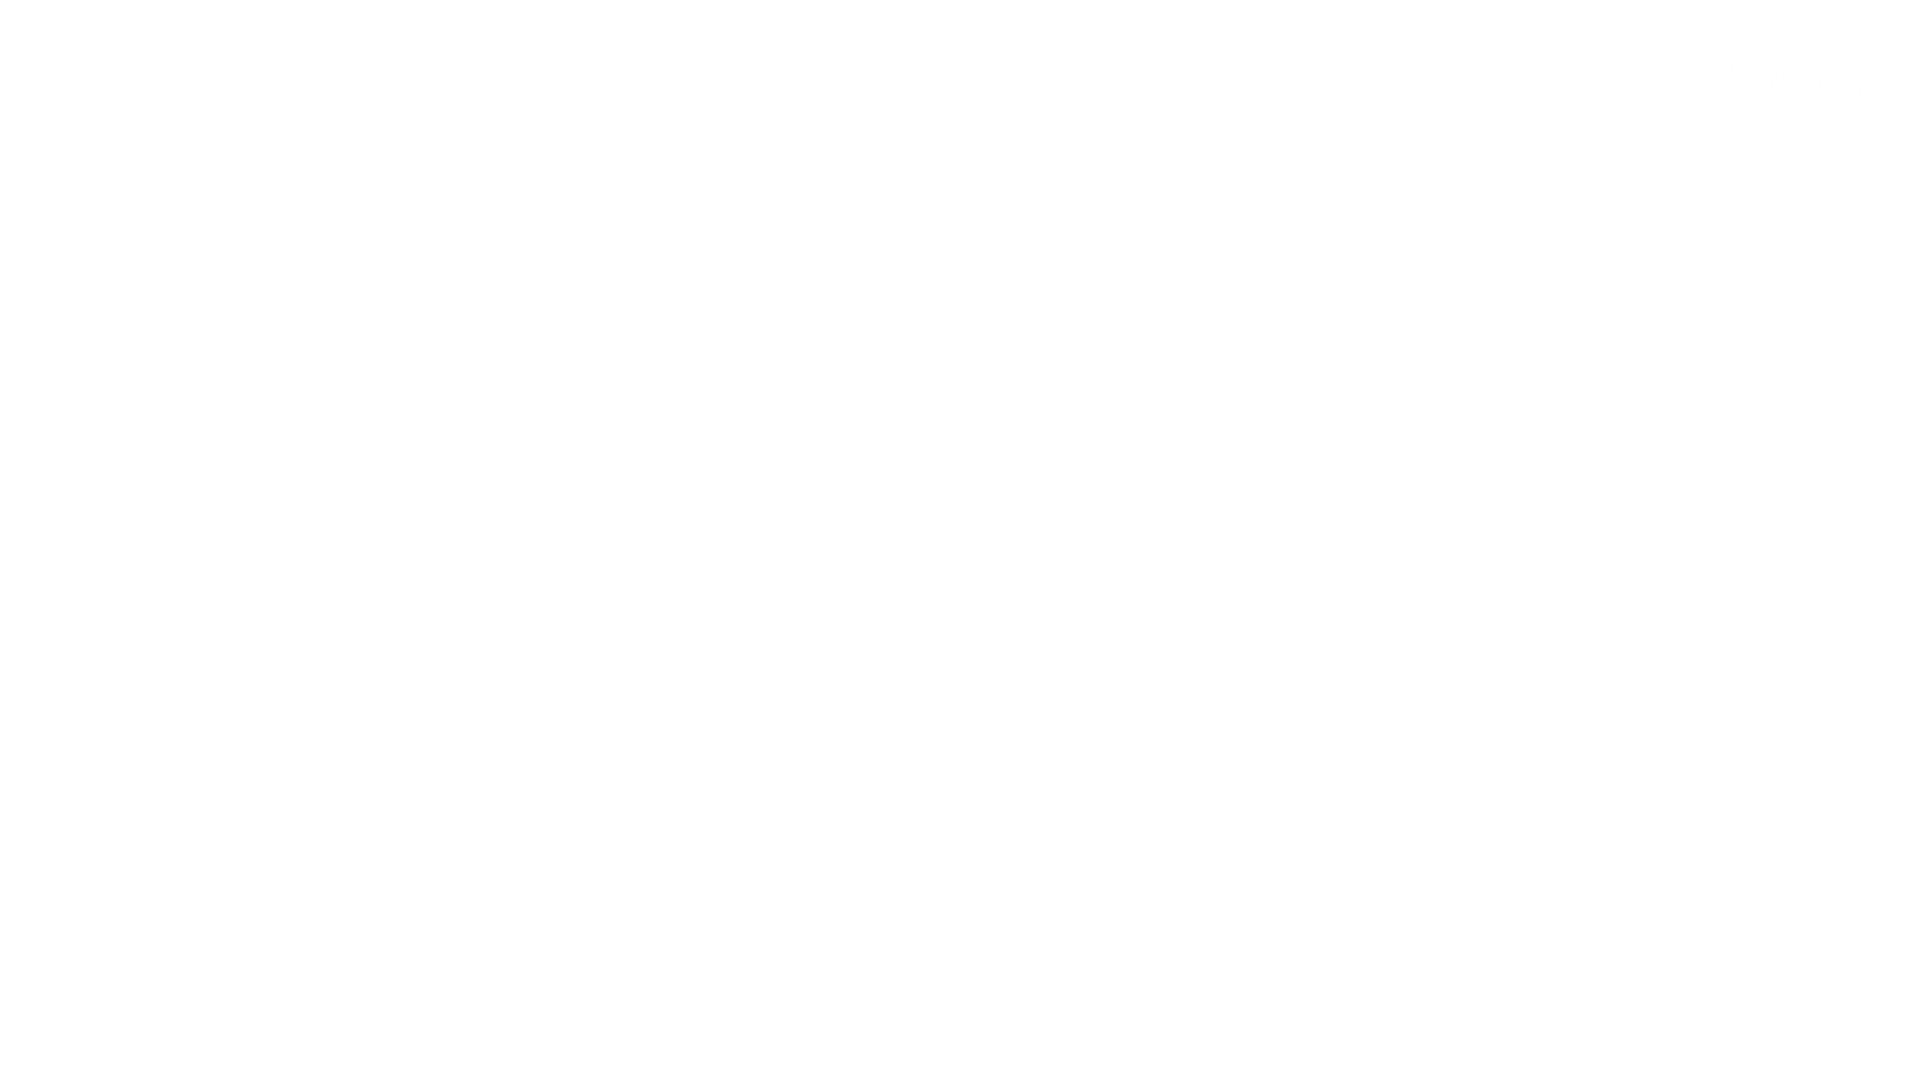 至高下半身盗撮-PREMIUM-【院内病棟編 】 vol.01 盗撮 | ナースを狙え  62pic 13